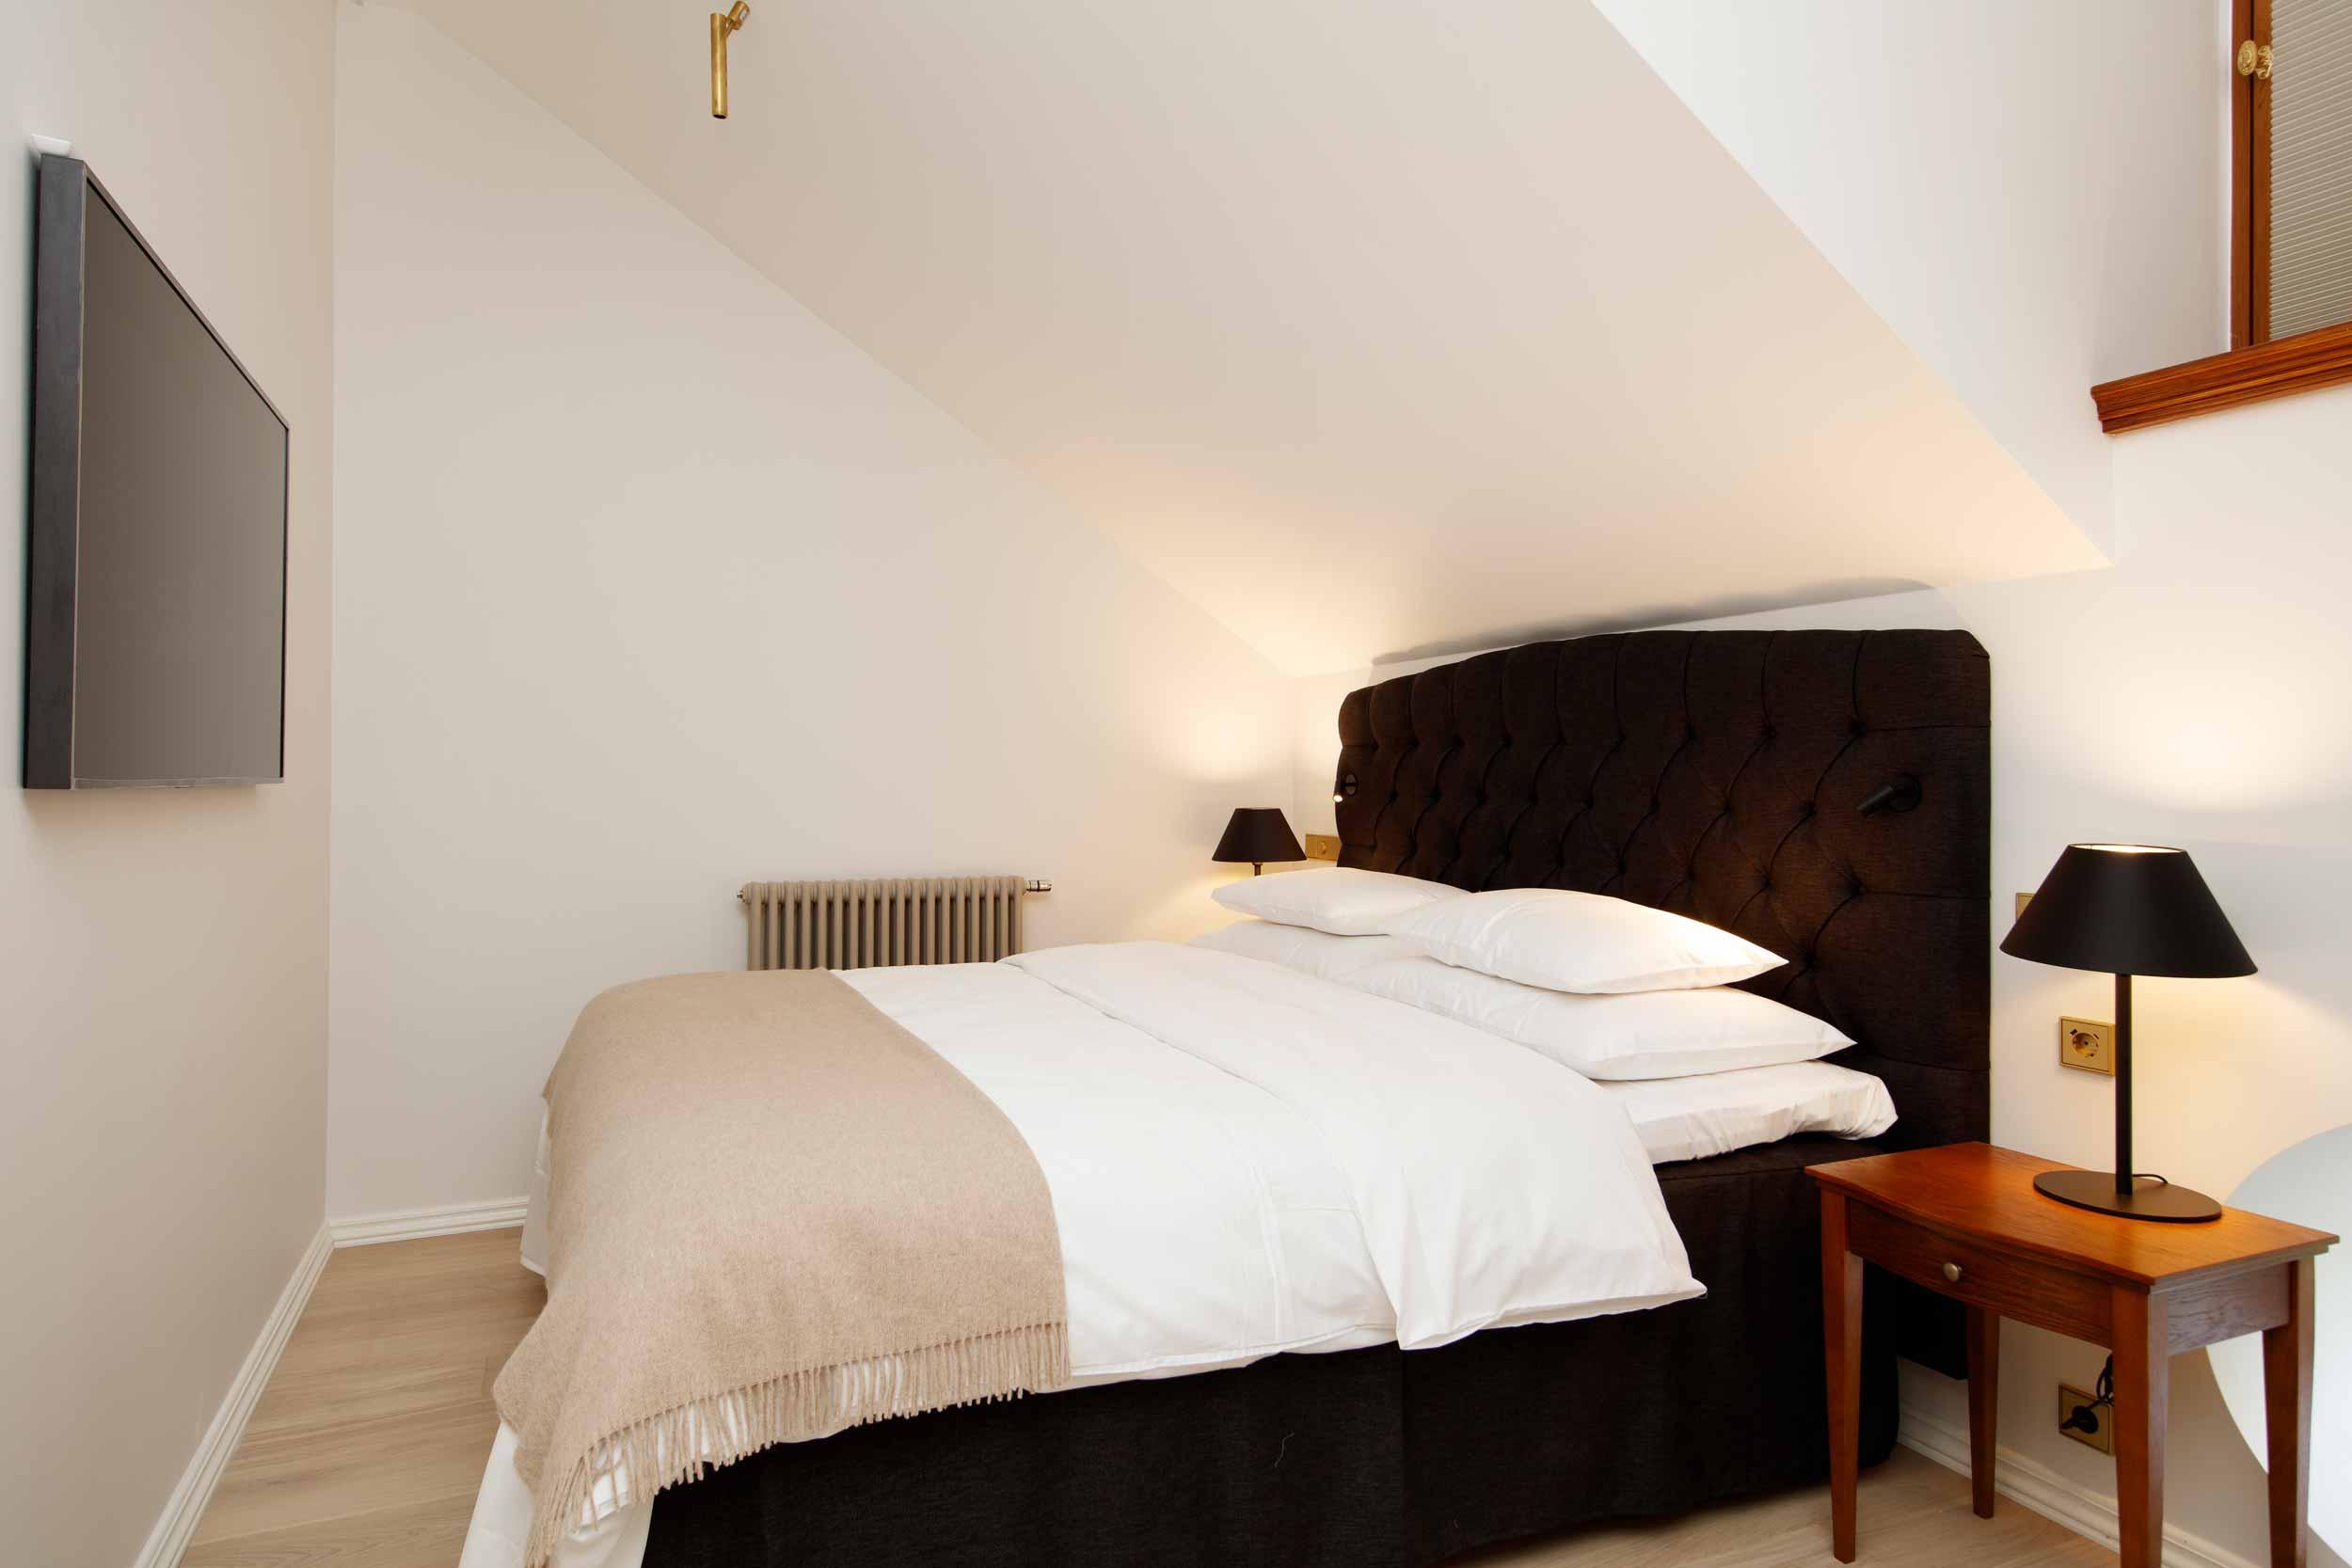 Grand suite 4